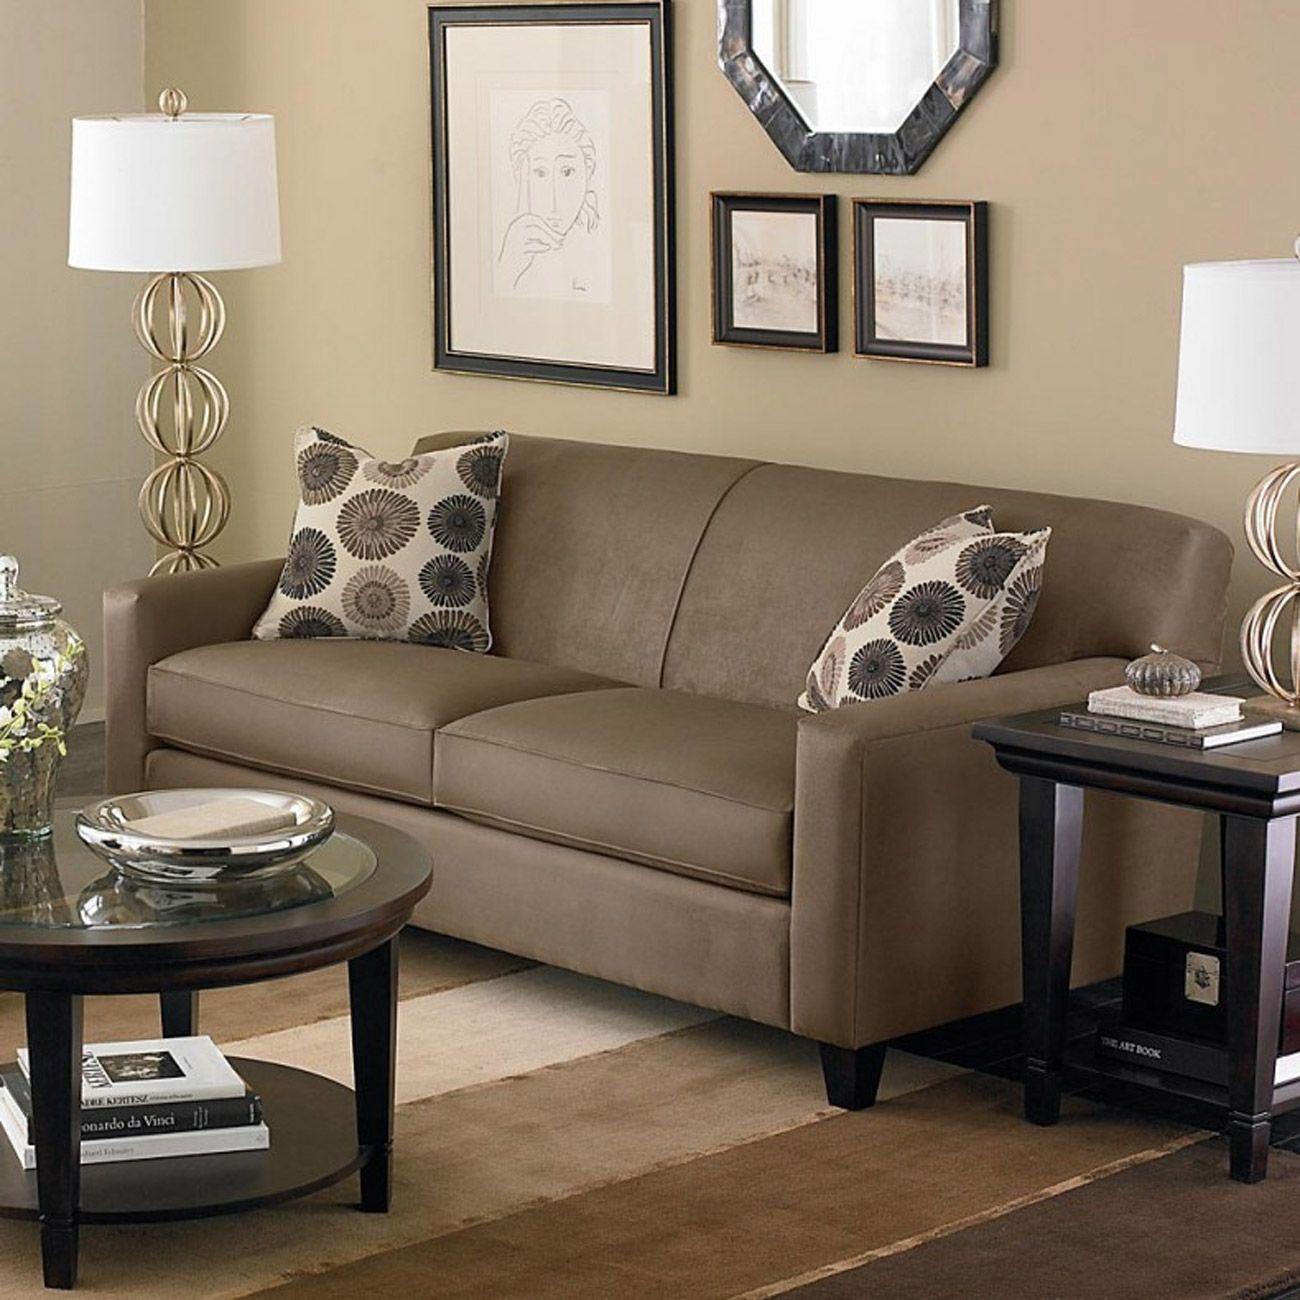 Wie zu Dekorieren Wohnzimmer: Erstellen Sie Neue Stil, der jenseits ...